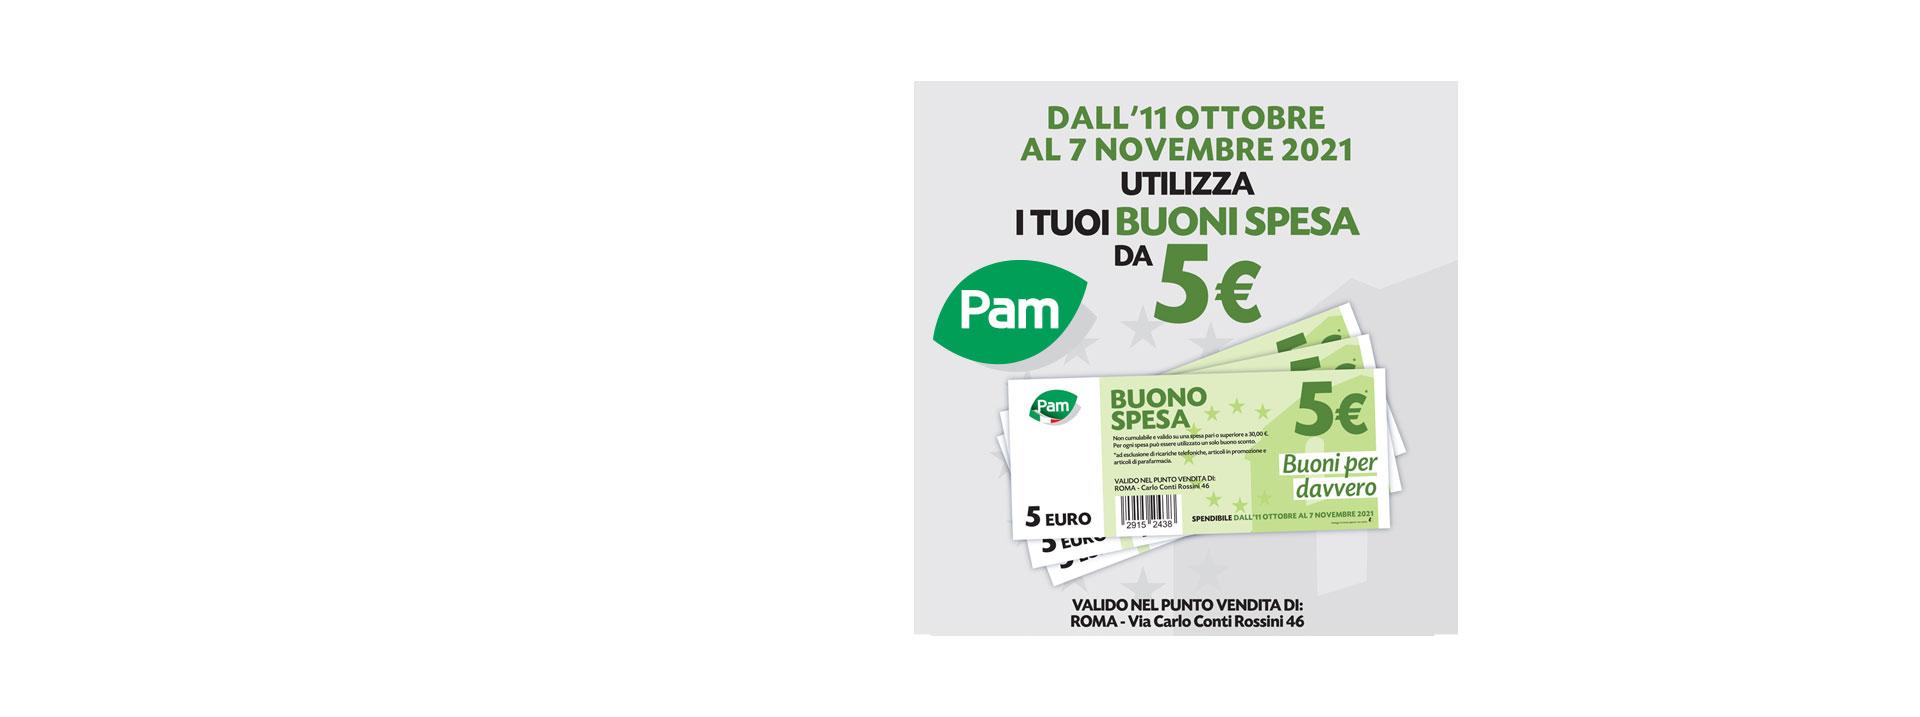 Pam via Carlo Conti Rossini 46